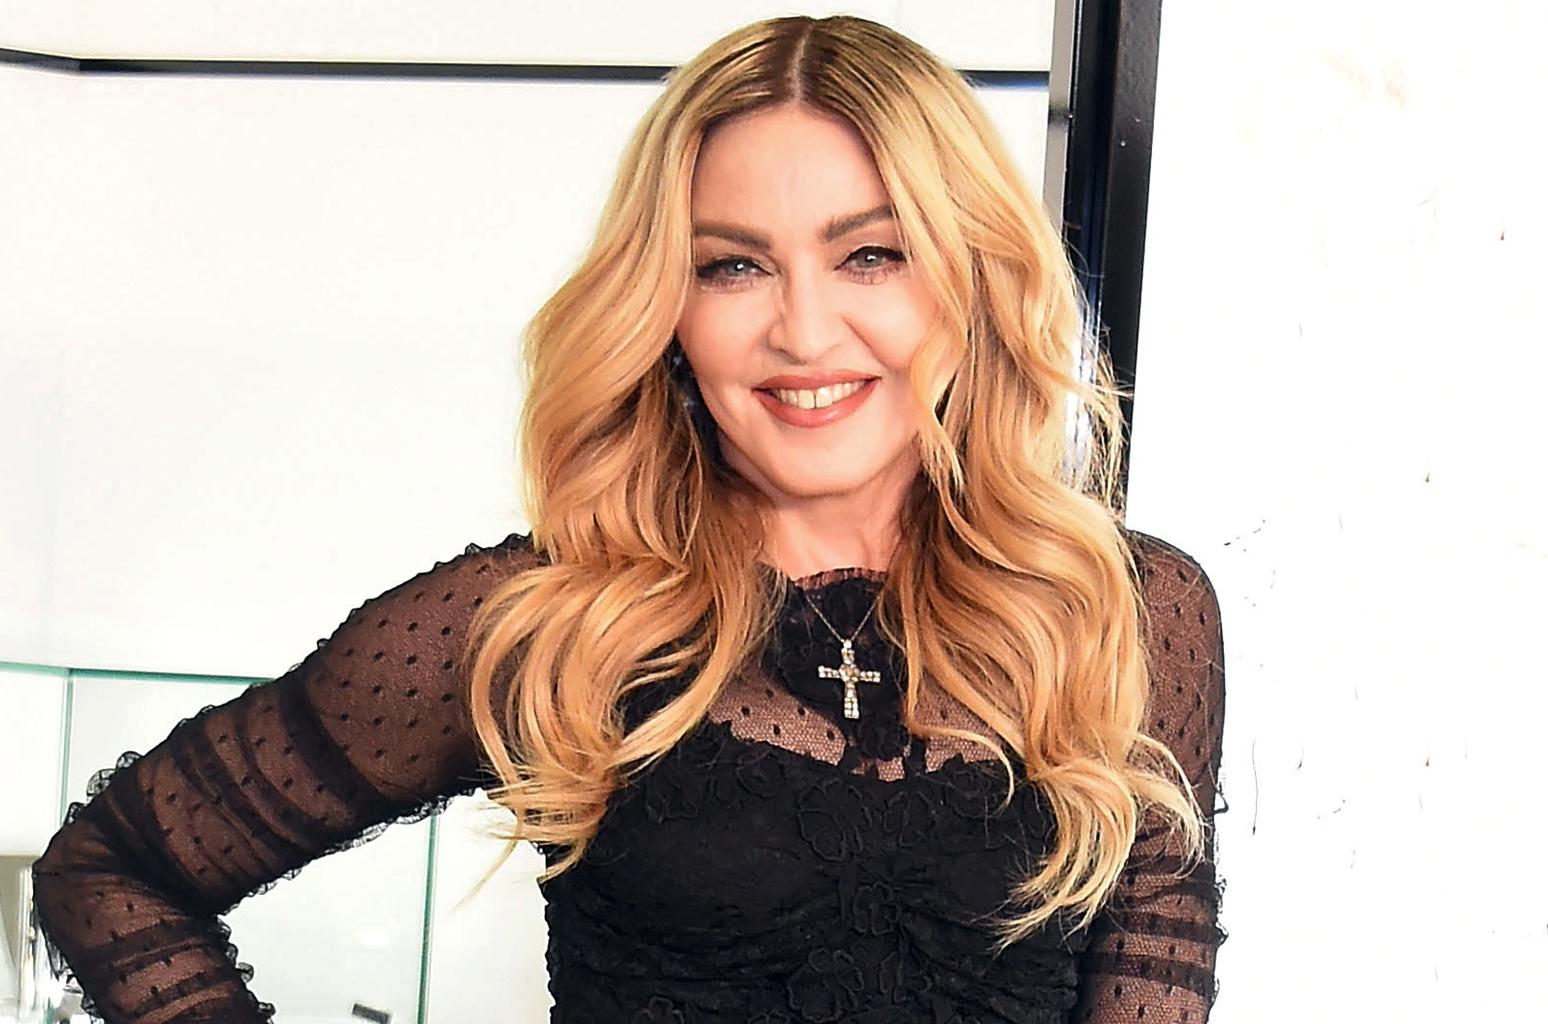 Мадонна биография Фото Madonna Дискография Биография